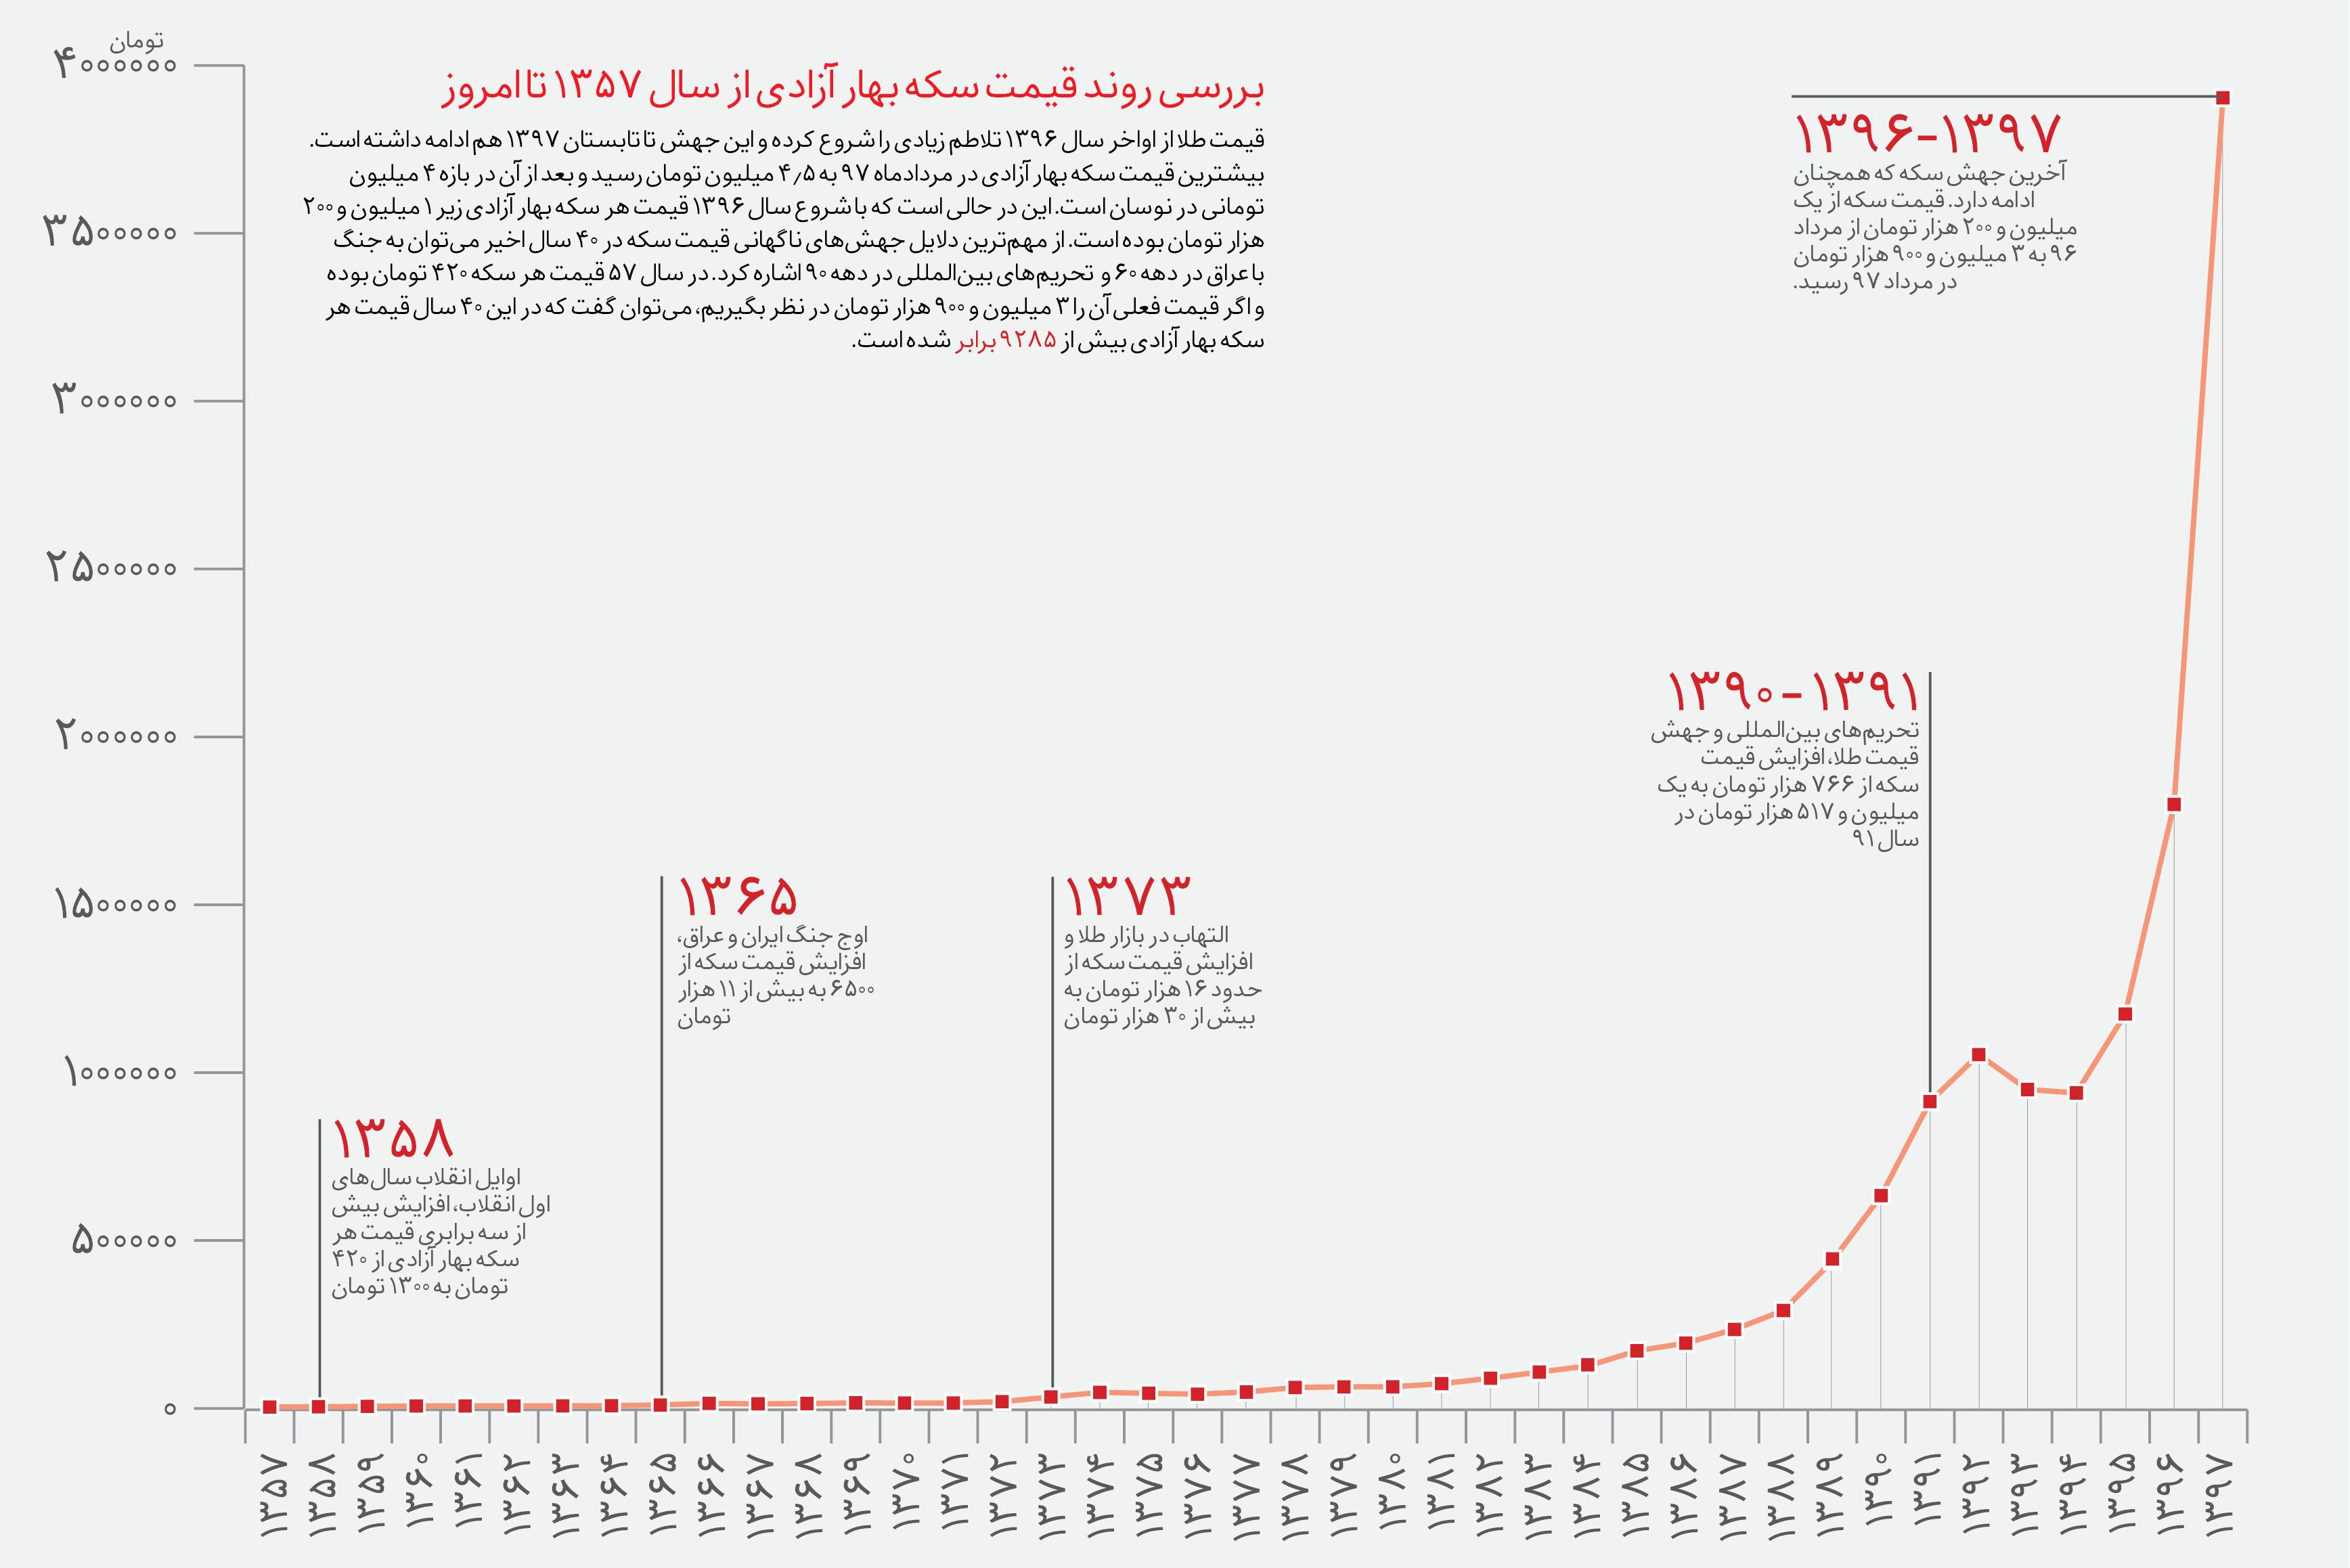 نمودار قیمت طلا طی 30 سال گذشته